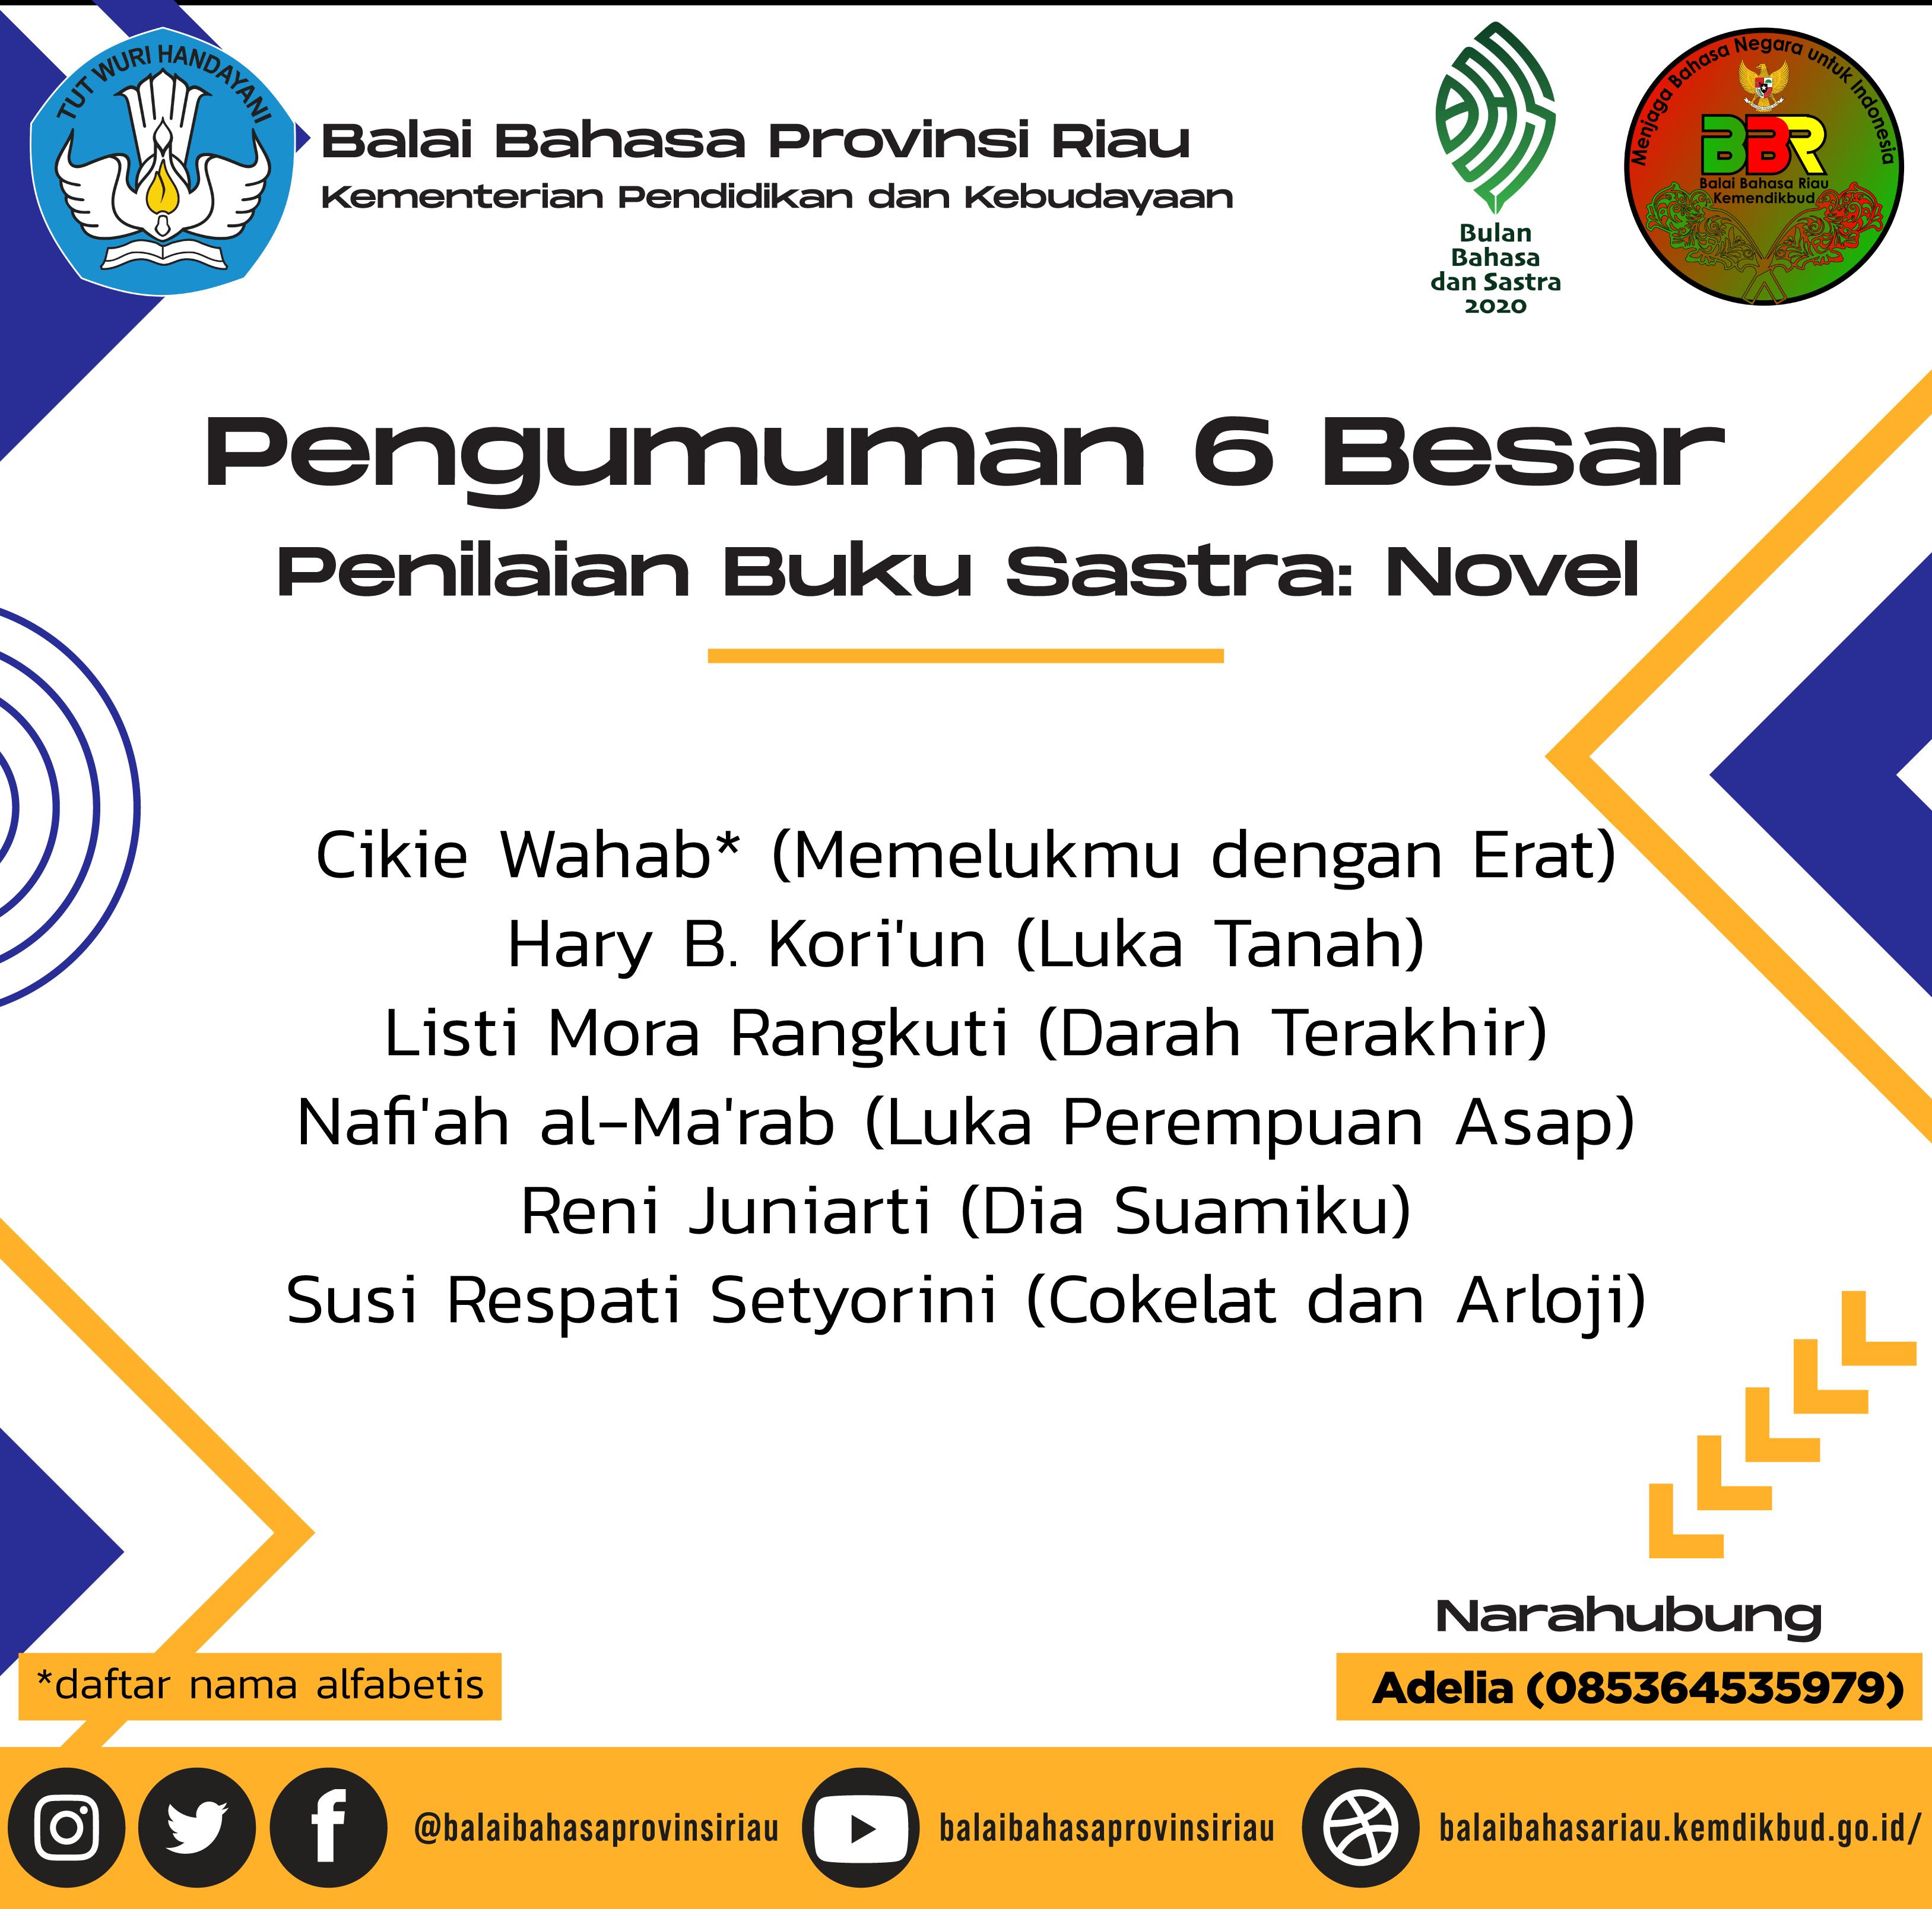 Pemenang Lomba Novel Bulan Bahasa 2020